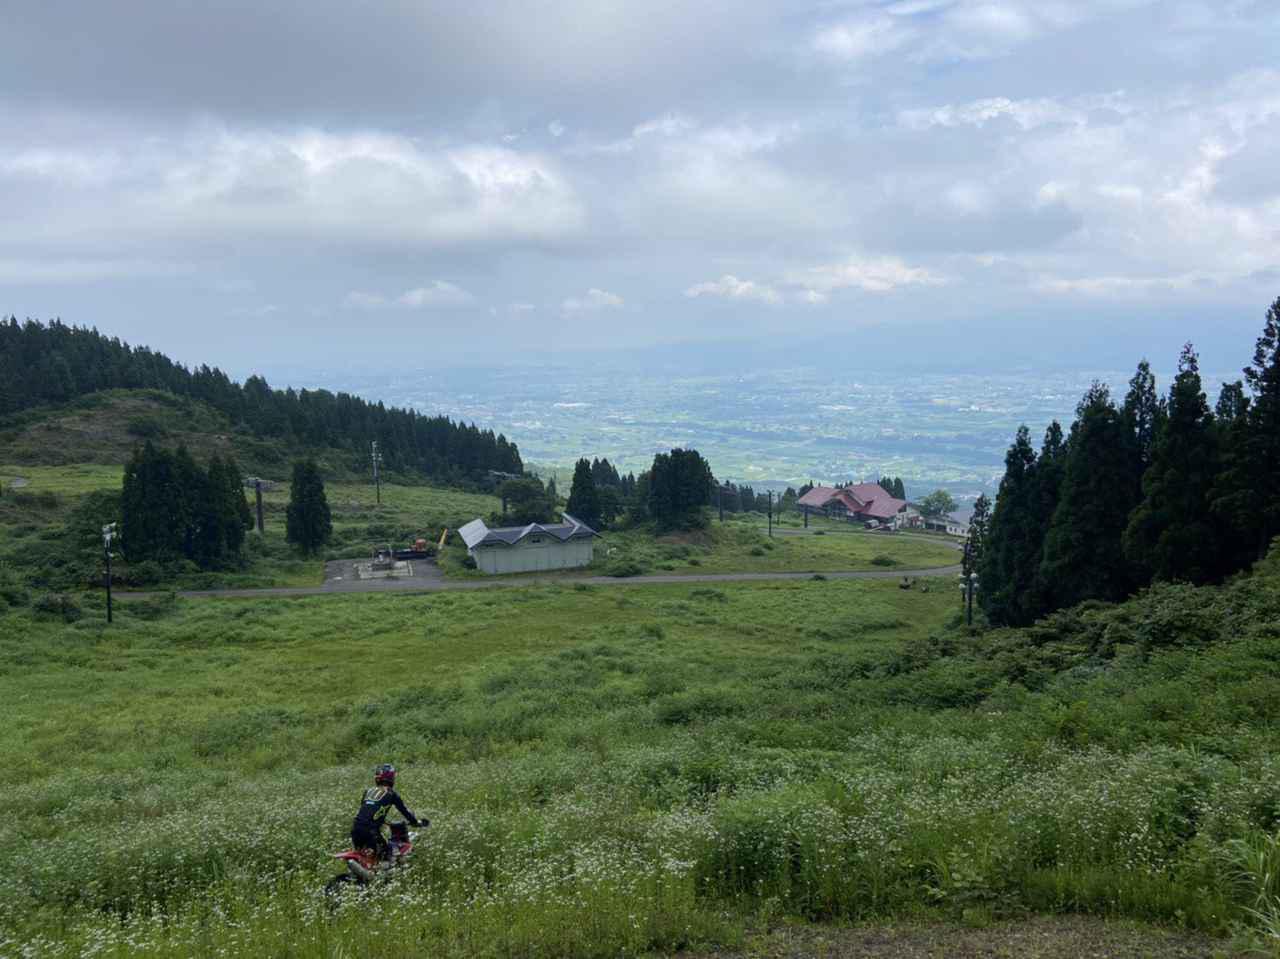 画像: 草刈り前の状態、コースから見える景色も大きな魅力の一つ。今ではあまり走ることのできなくなってしまった糸魚川シーサイドバレースキー場を思い出しますね。